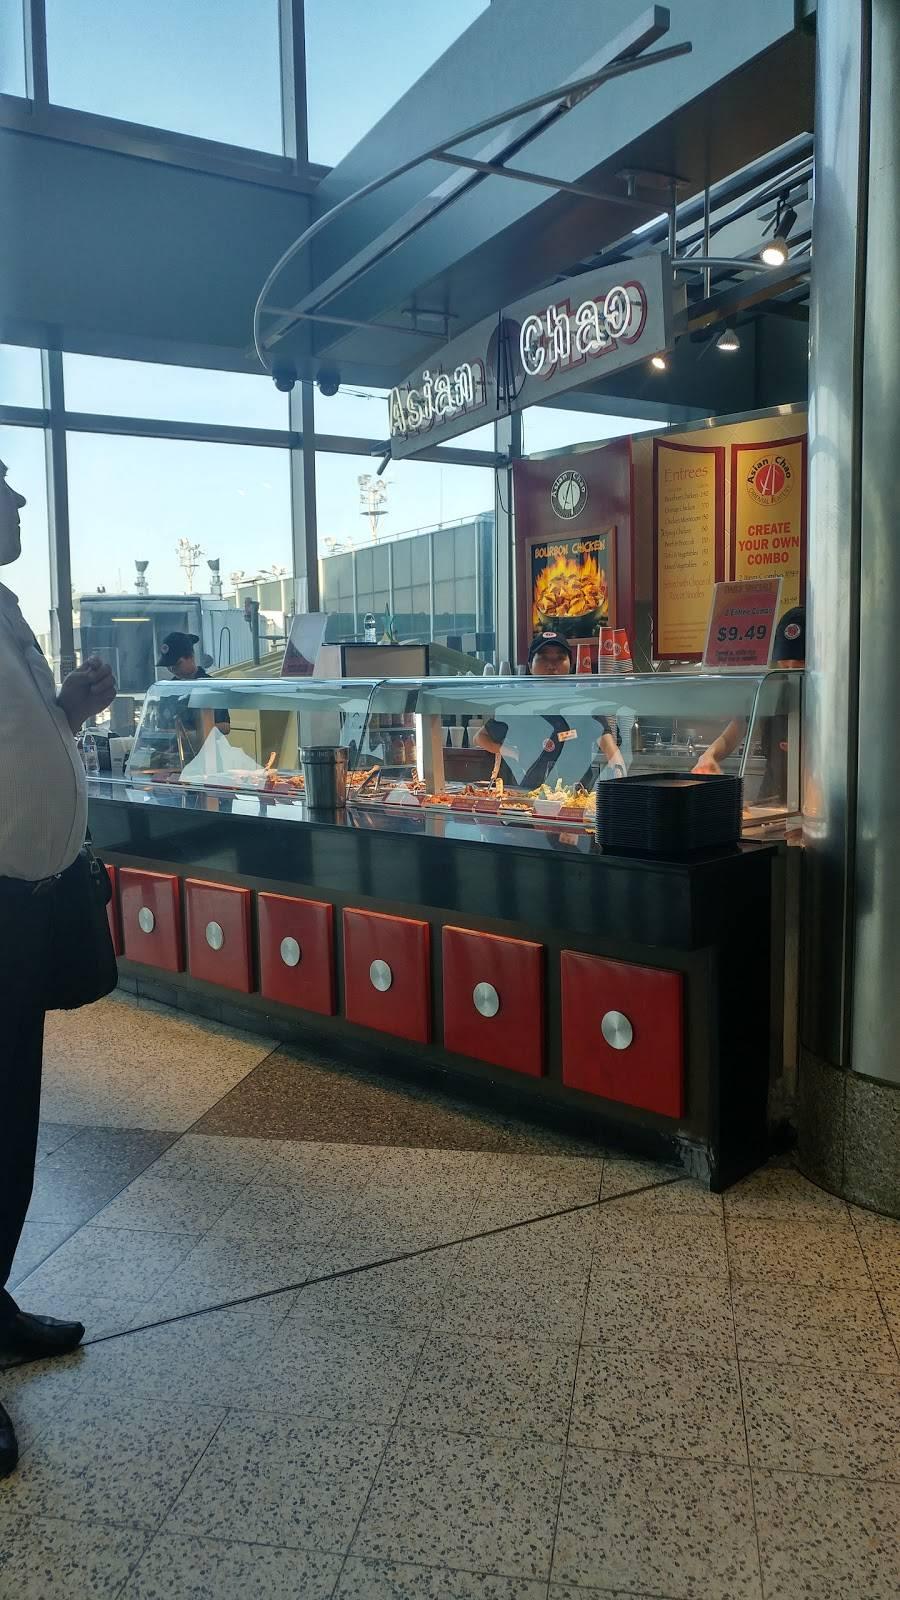 Asian Chao   restaurant   LaGuardia Ext, Flushing, NY 11371, USA